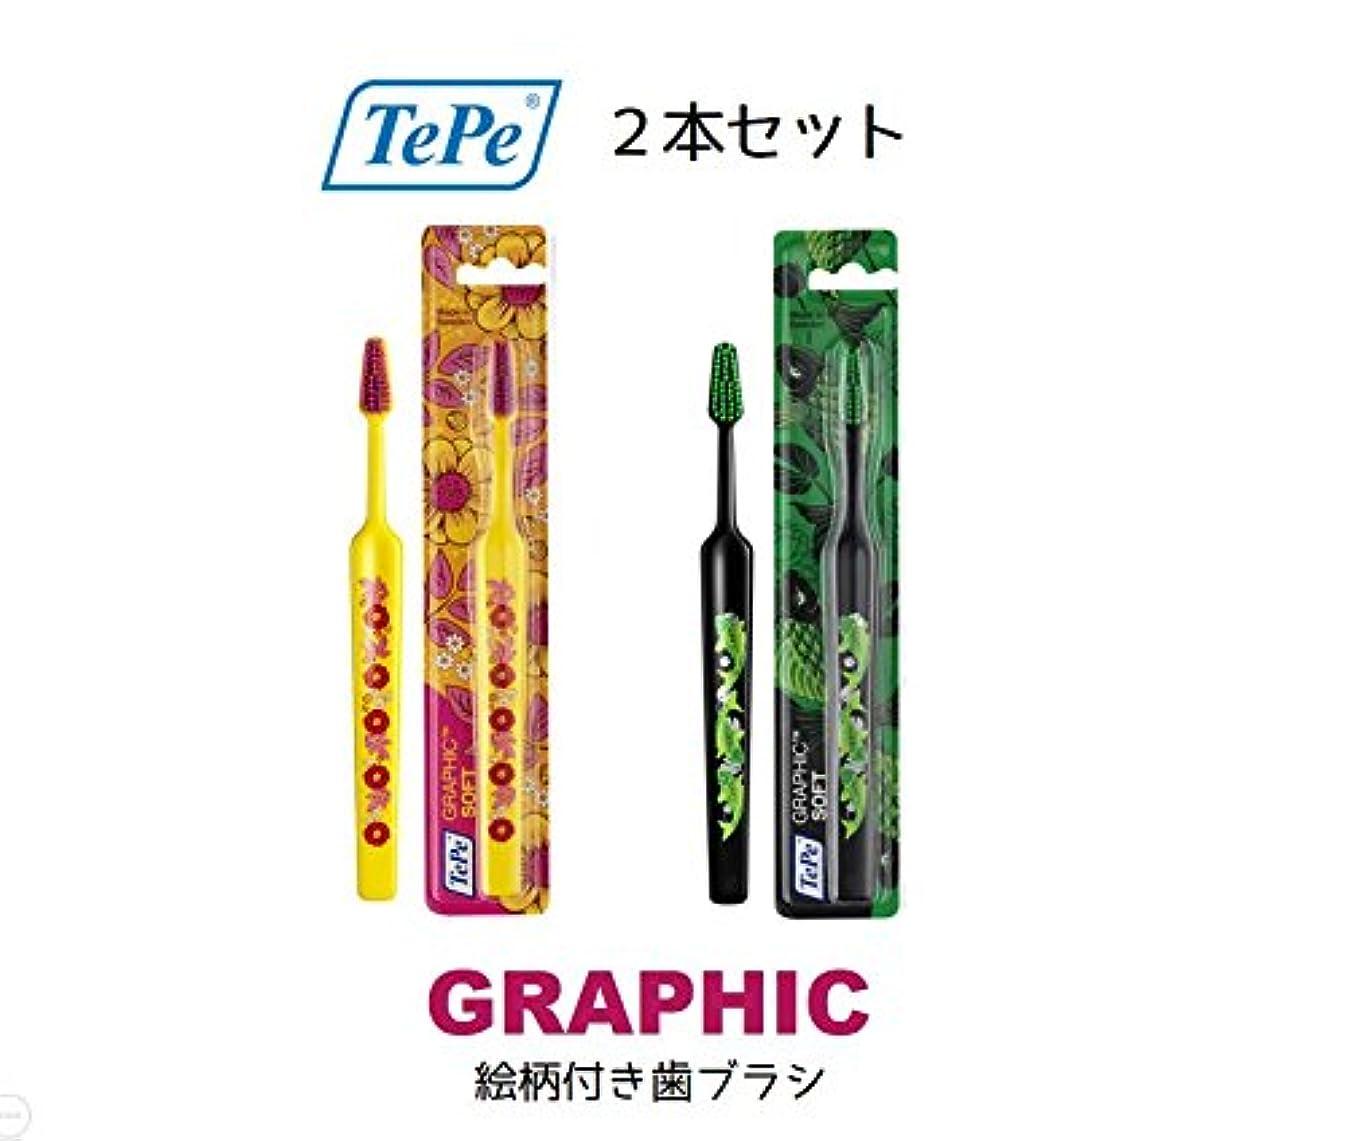 不従順なんとなくイライラするテペ グラフィック ソフト 2本セット TePe Graphic soft (ミックス)